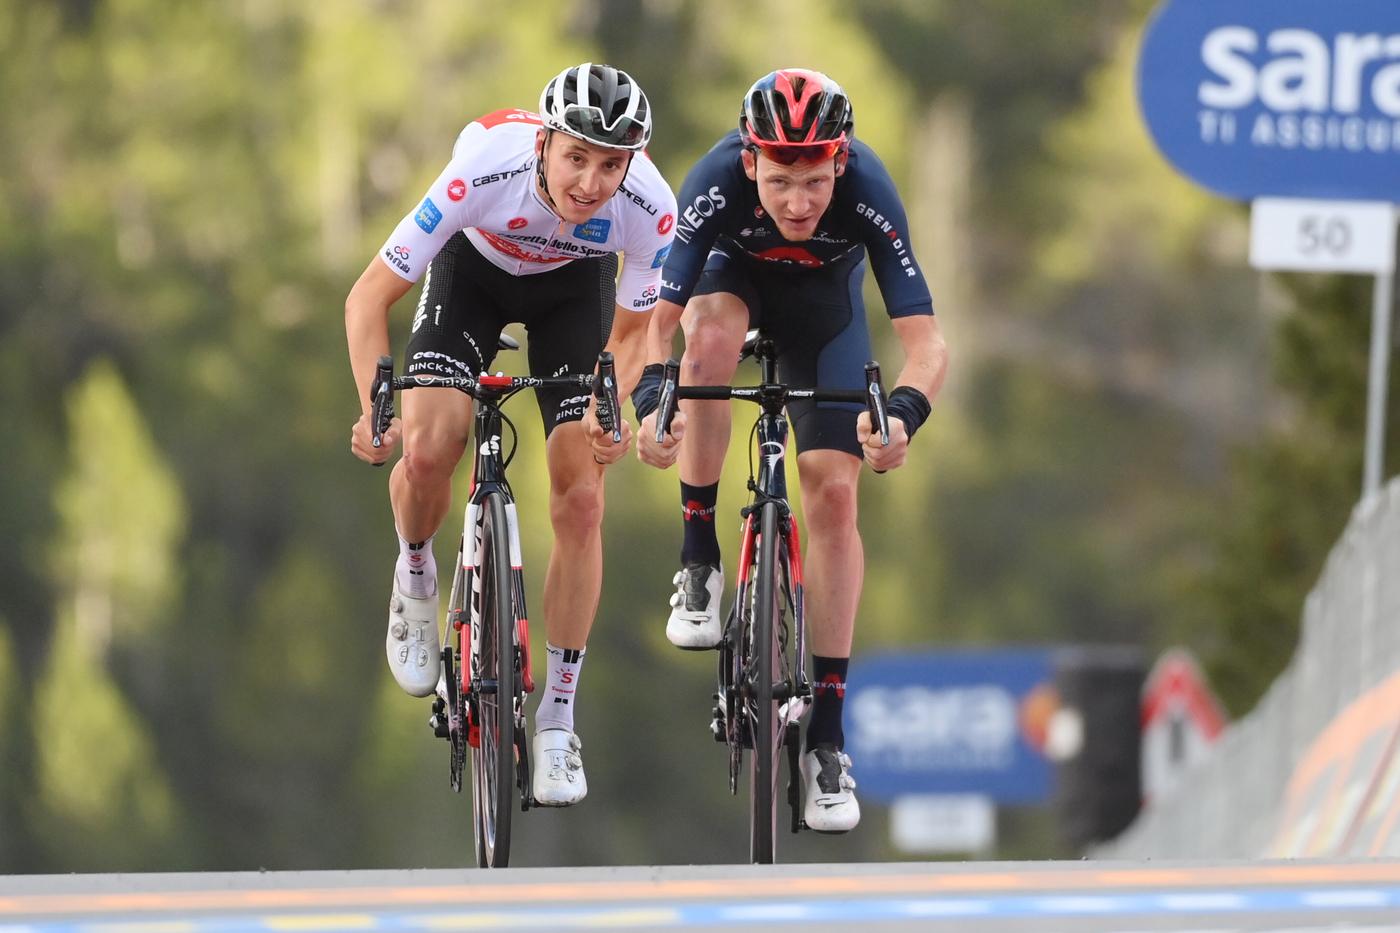 VIDEO Giro d'Italia, highlights tappa di oggi. Hindley vince ai Laghi di Cancano, Kelderman maglia rosa dopo lo Stelvio